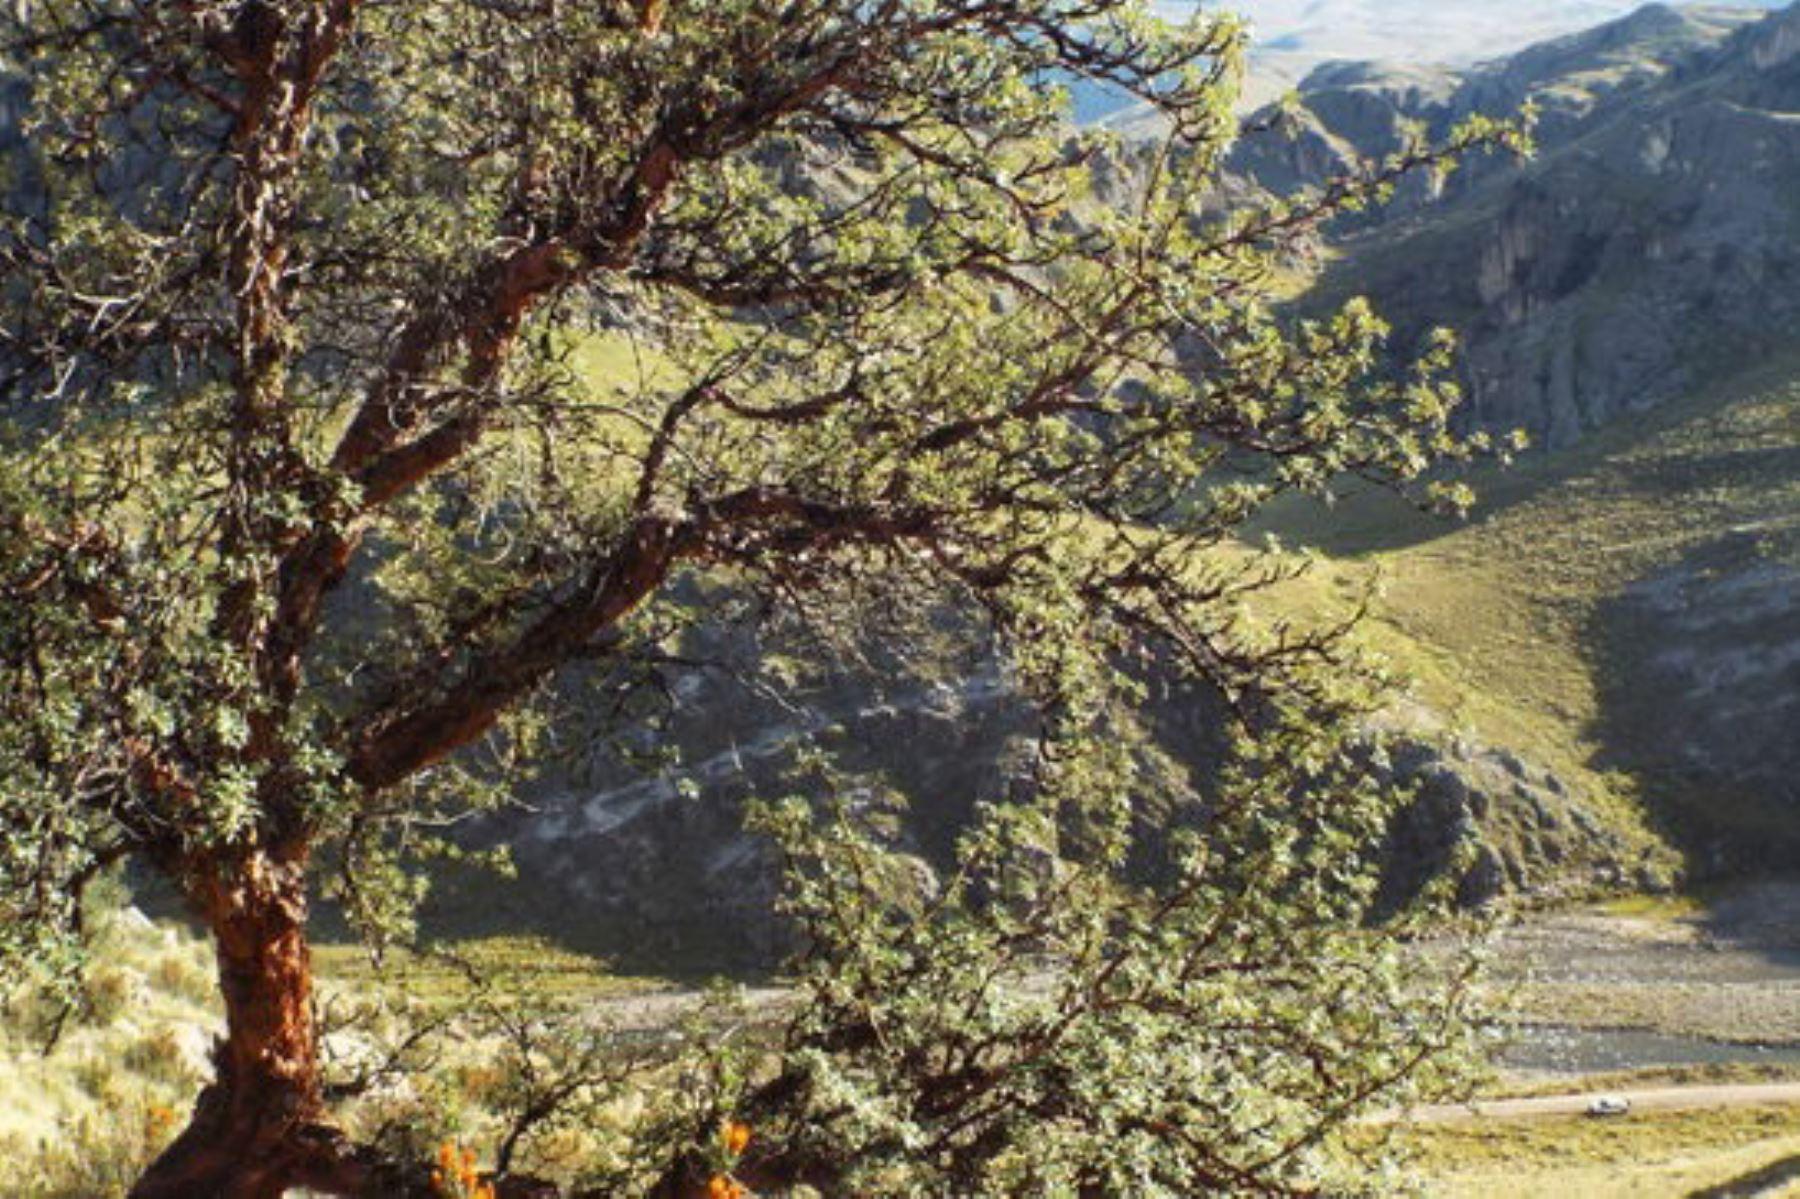 Bicentenario: Serfor busca árboles patrimoniales en Puno para su conservación